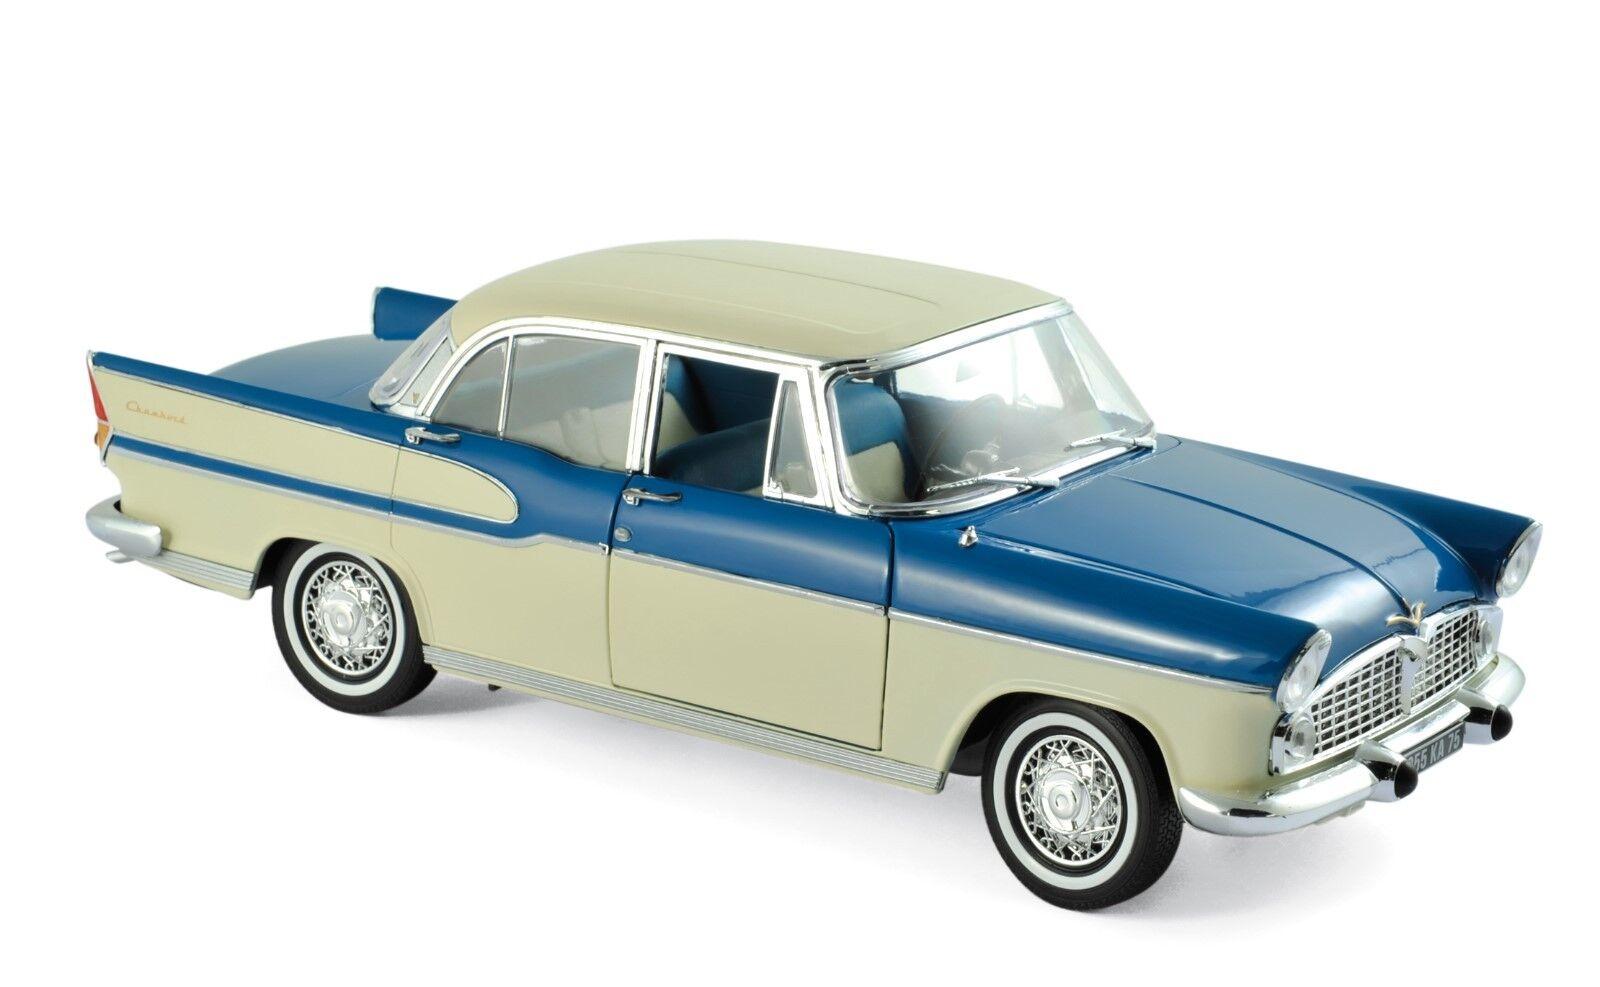 garantizado Simca Vedette Chambord 1960 1 18 norev 185727 nuevo nuevo nuevo & OVP  tienda en linea